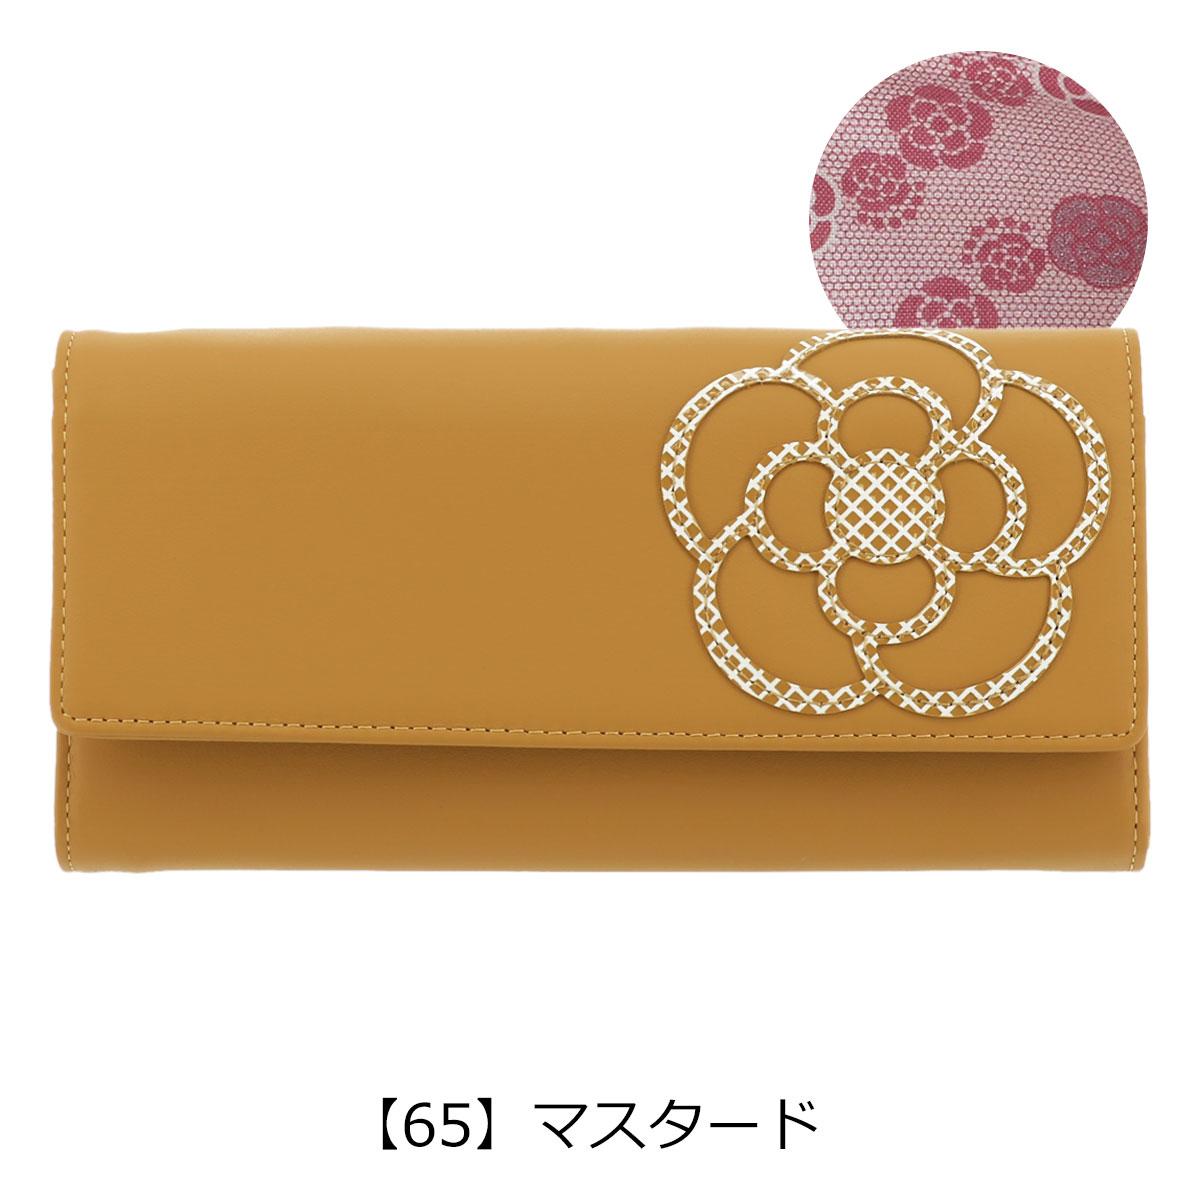 【65】マスタード